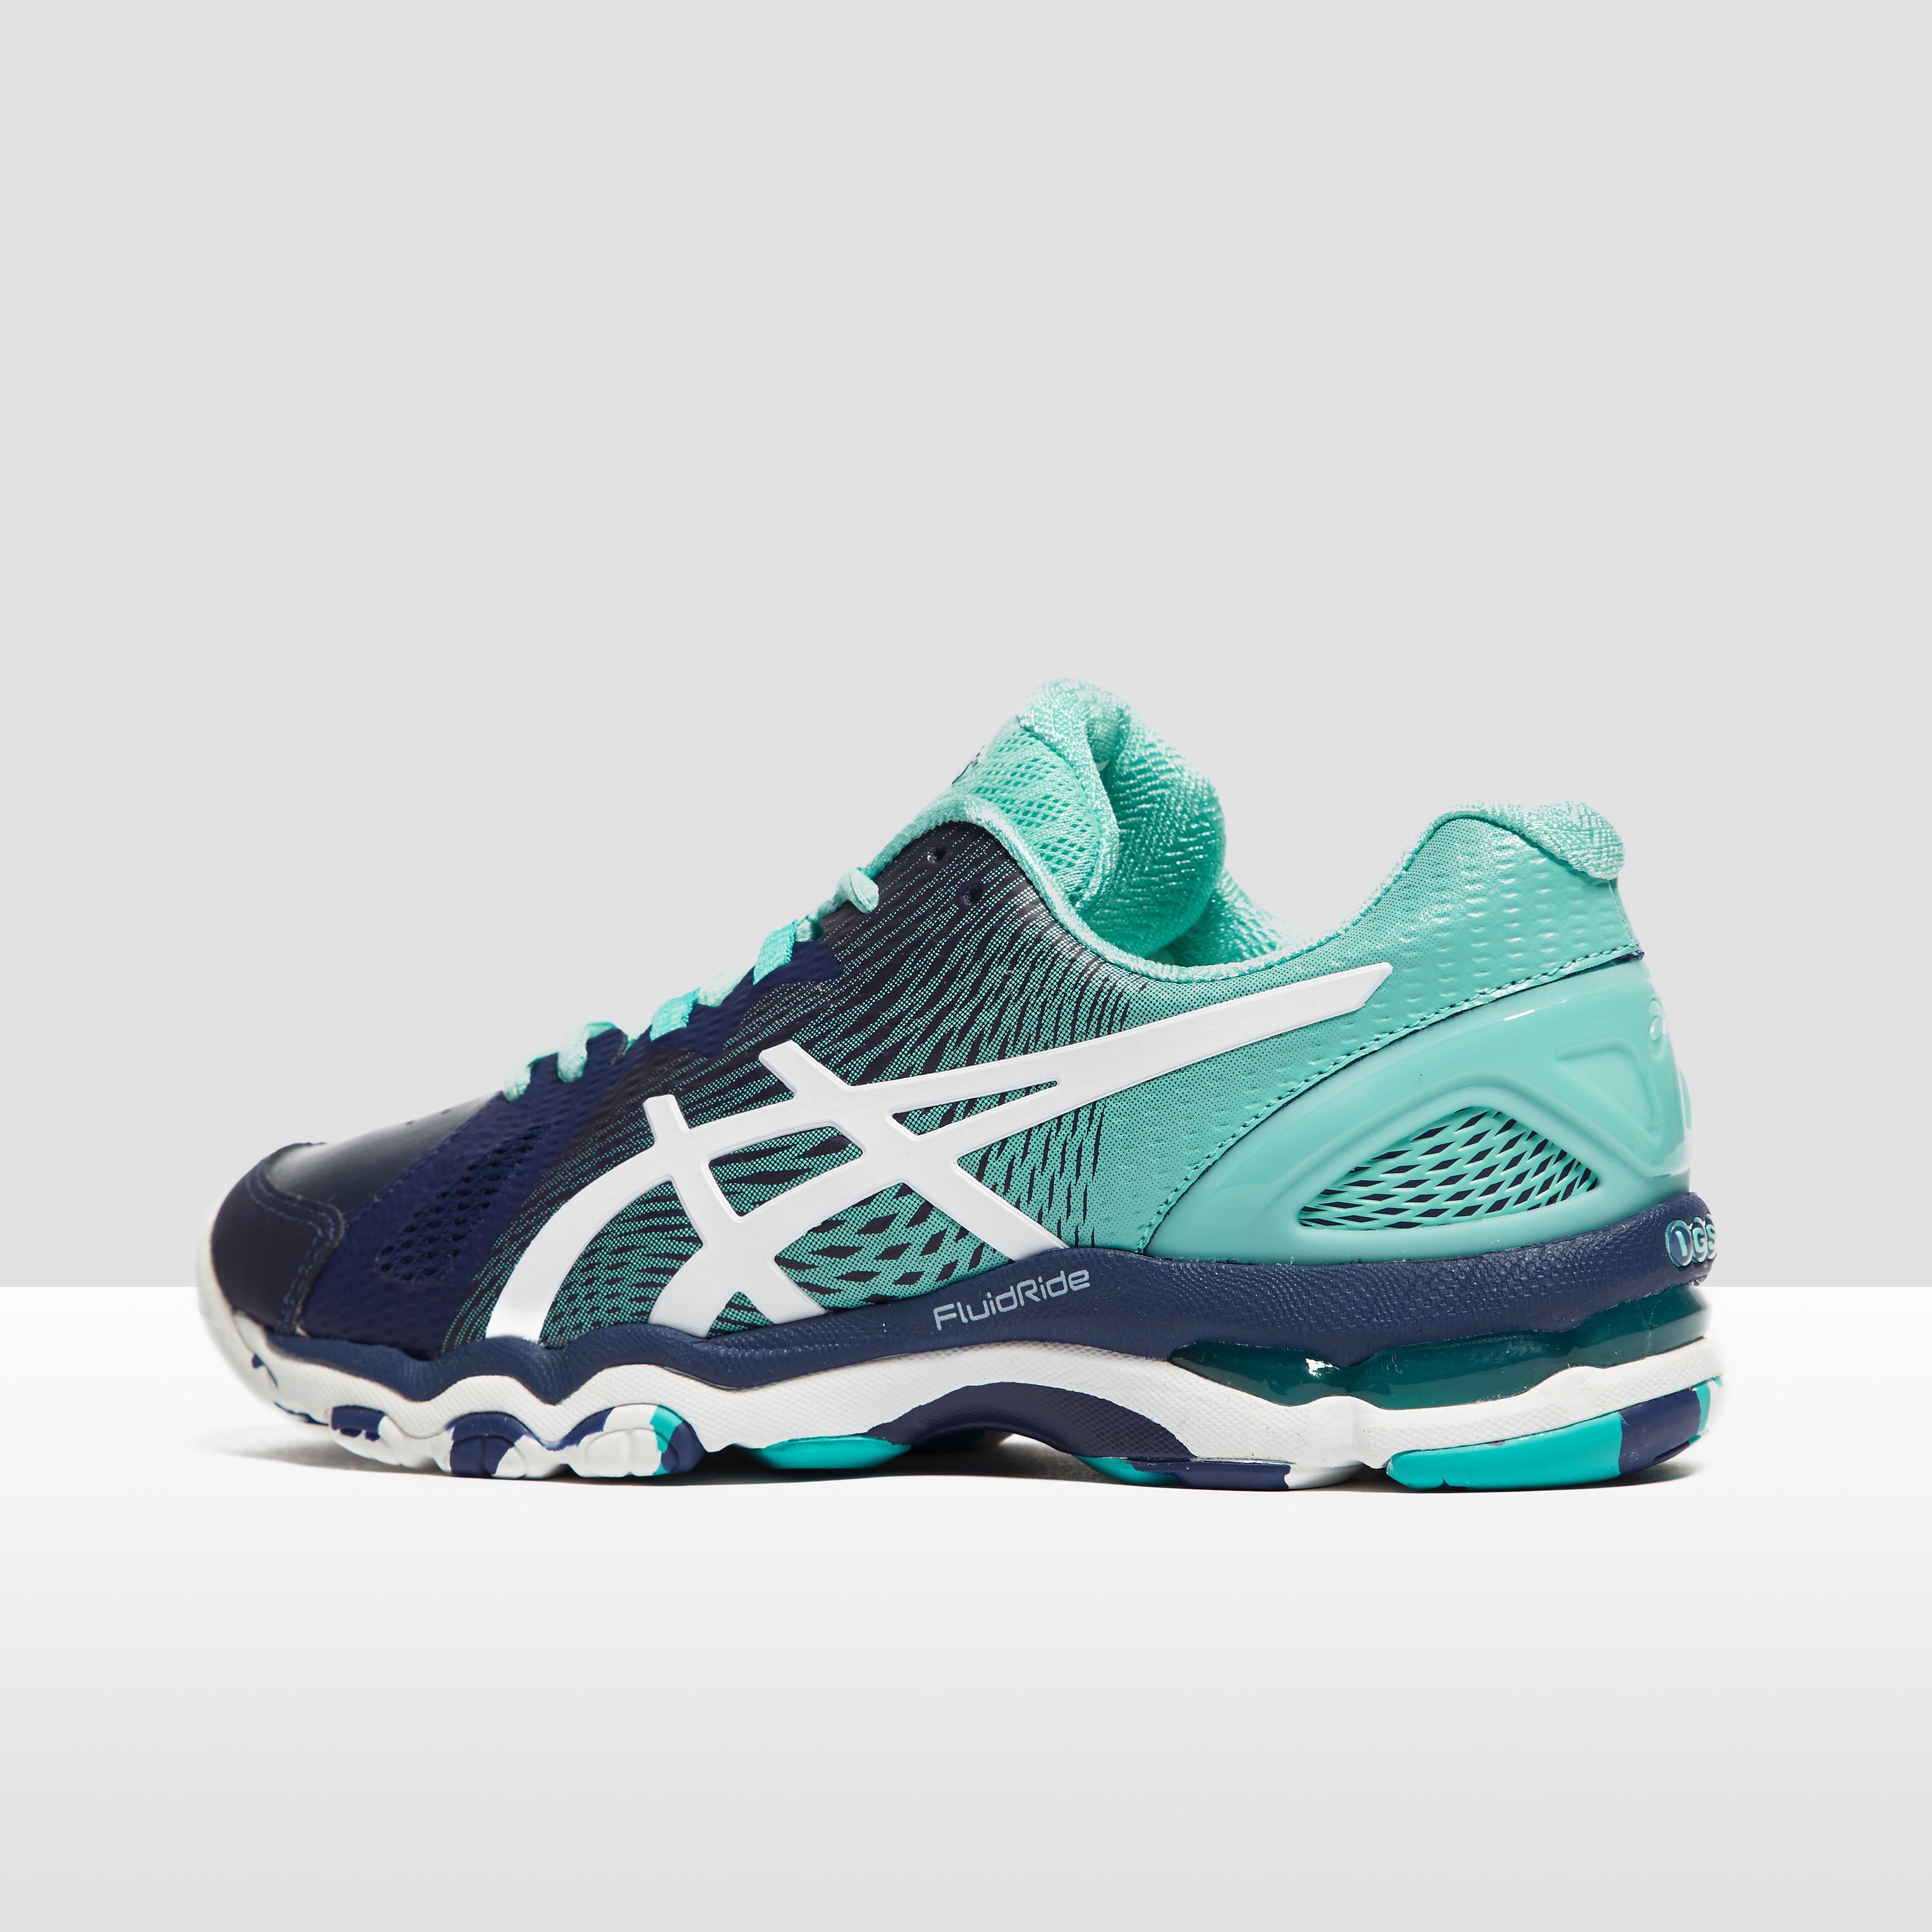 ASICS Gel Netburner Super 8 Women's Netball Shoes